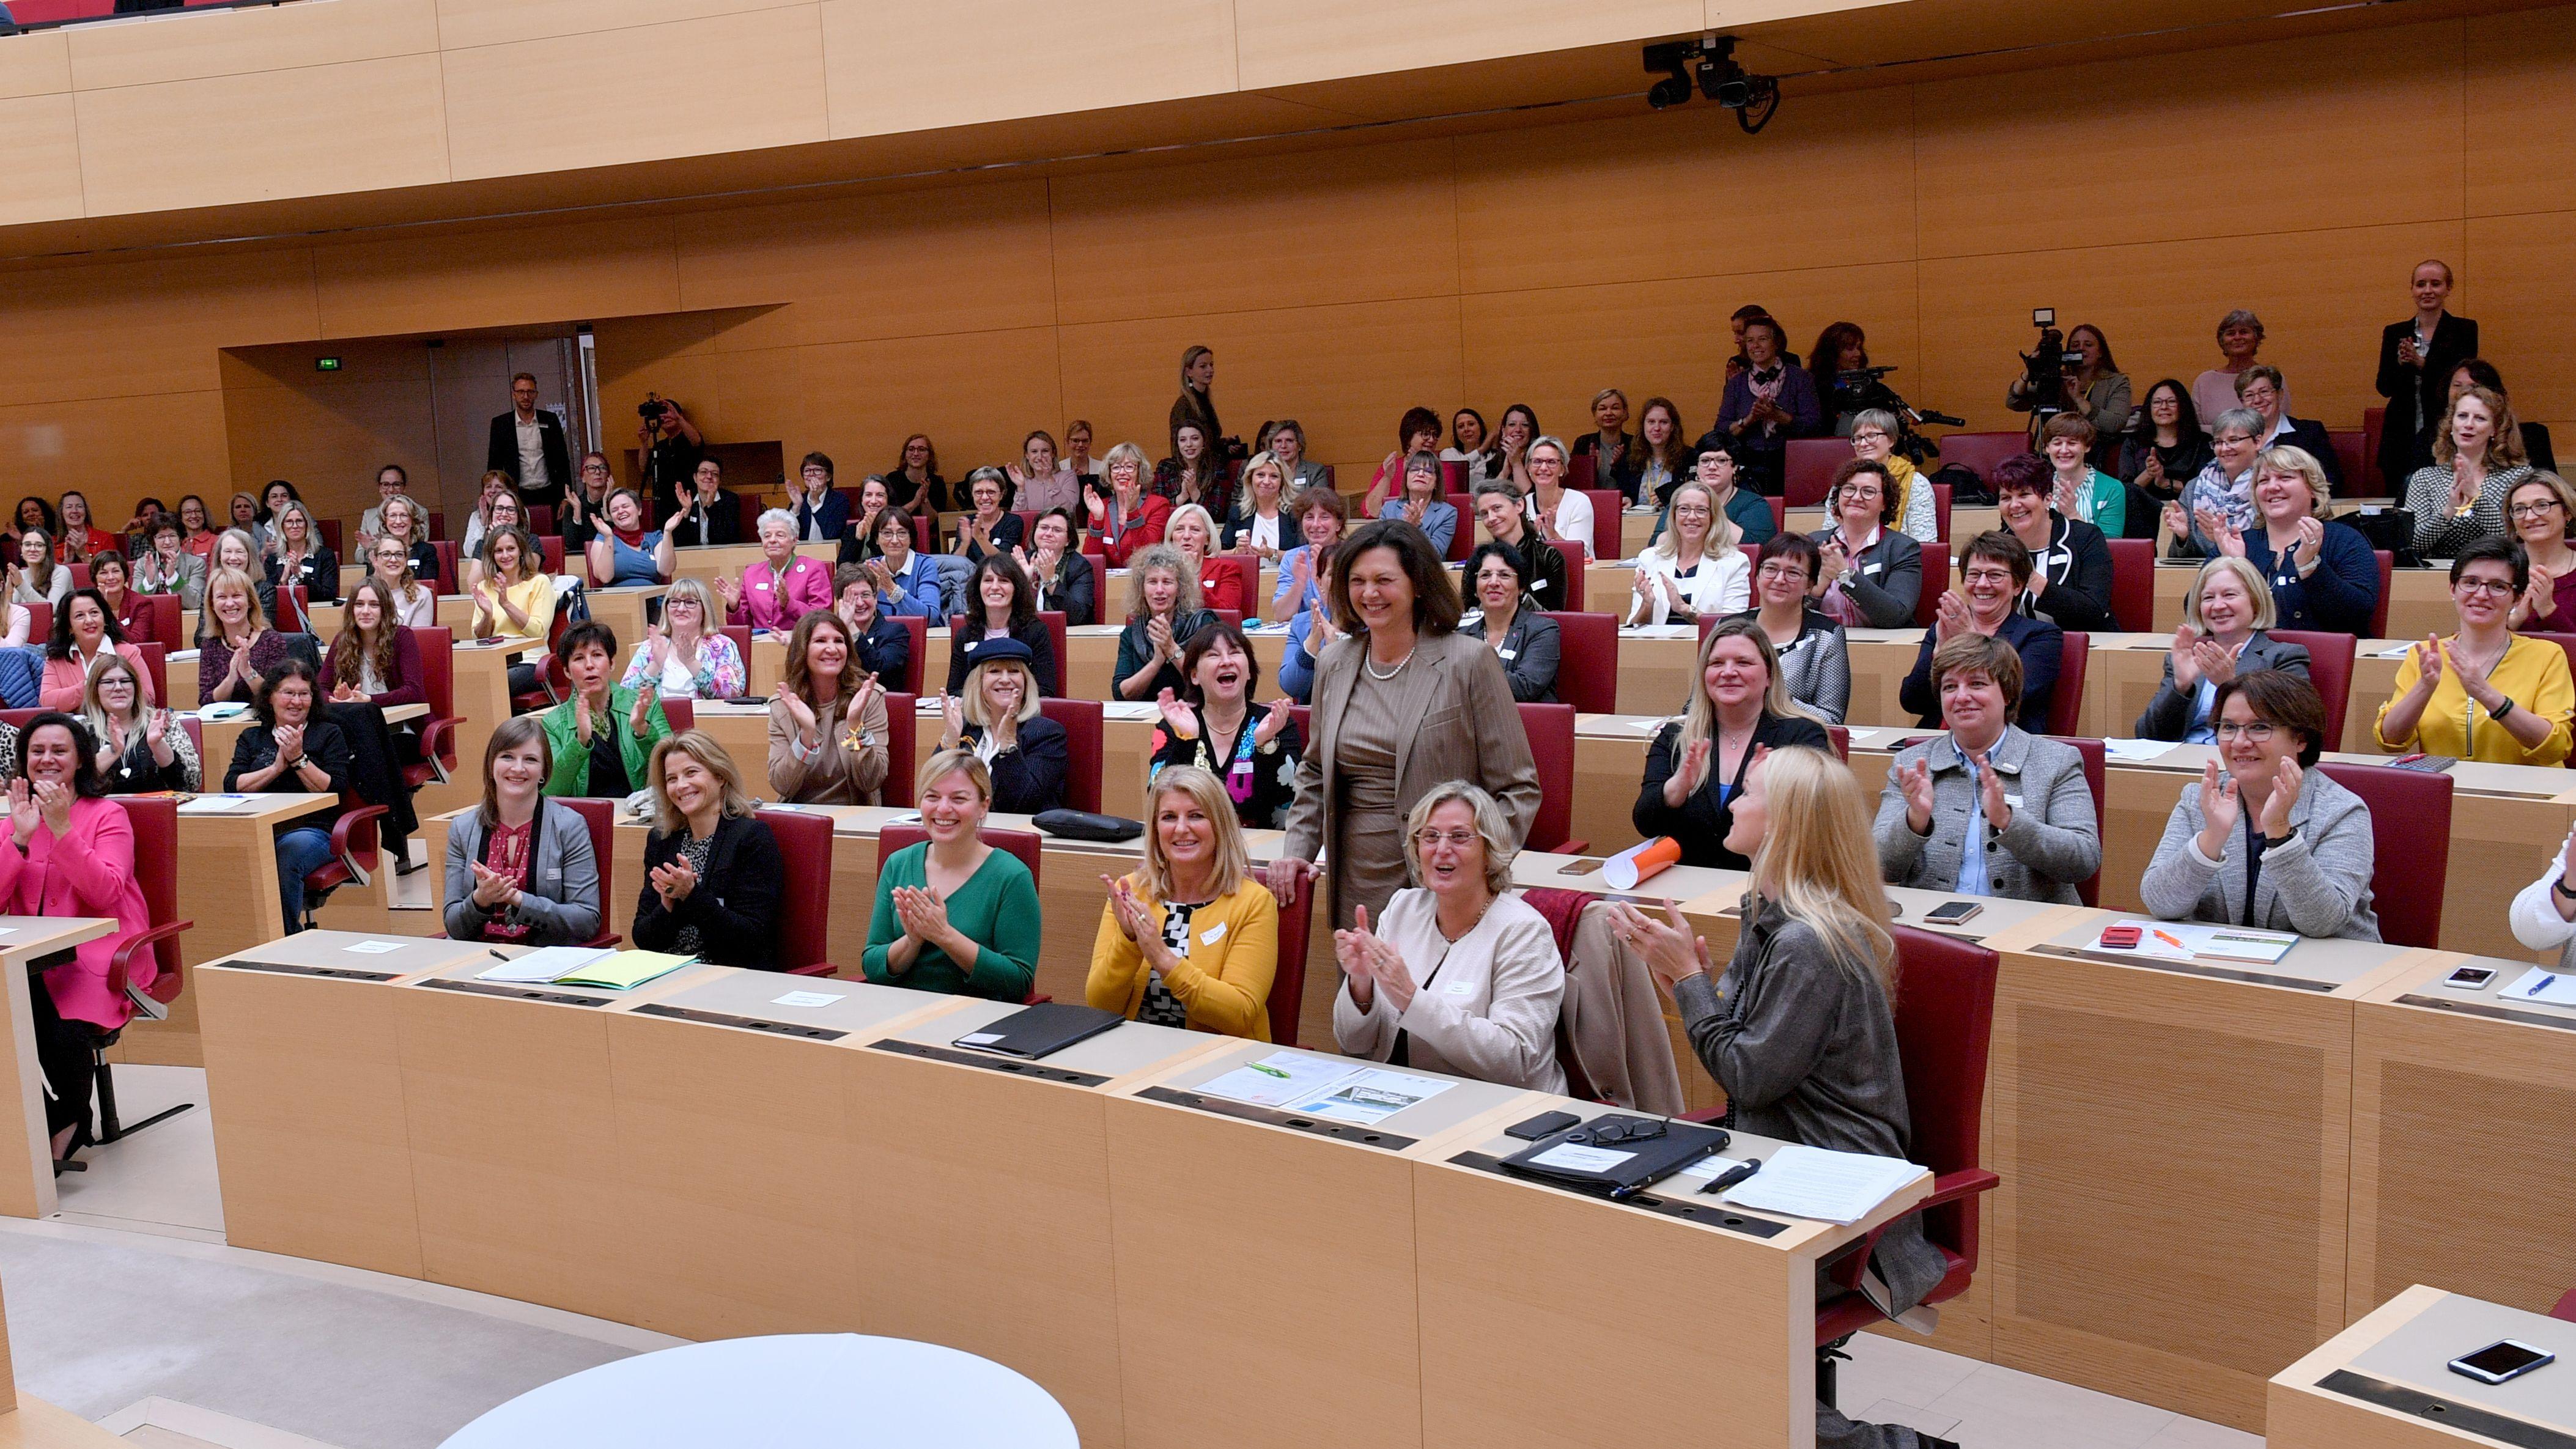 """München: Ilse Aigner (M, CSU), bayerische Landtagspräsidentin, steht zu Beginn der Konferenz """"Frauen im Parlament"""" mit Teilnehmerinnen für einen Foto zusammen im Plenarsaal des bayerischen Landtags."""